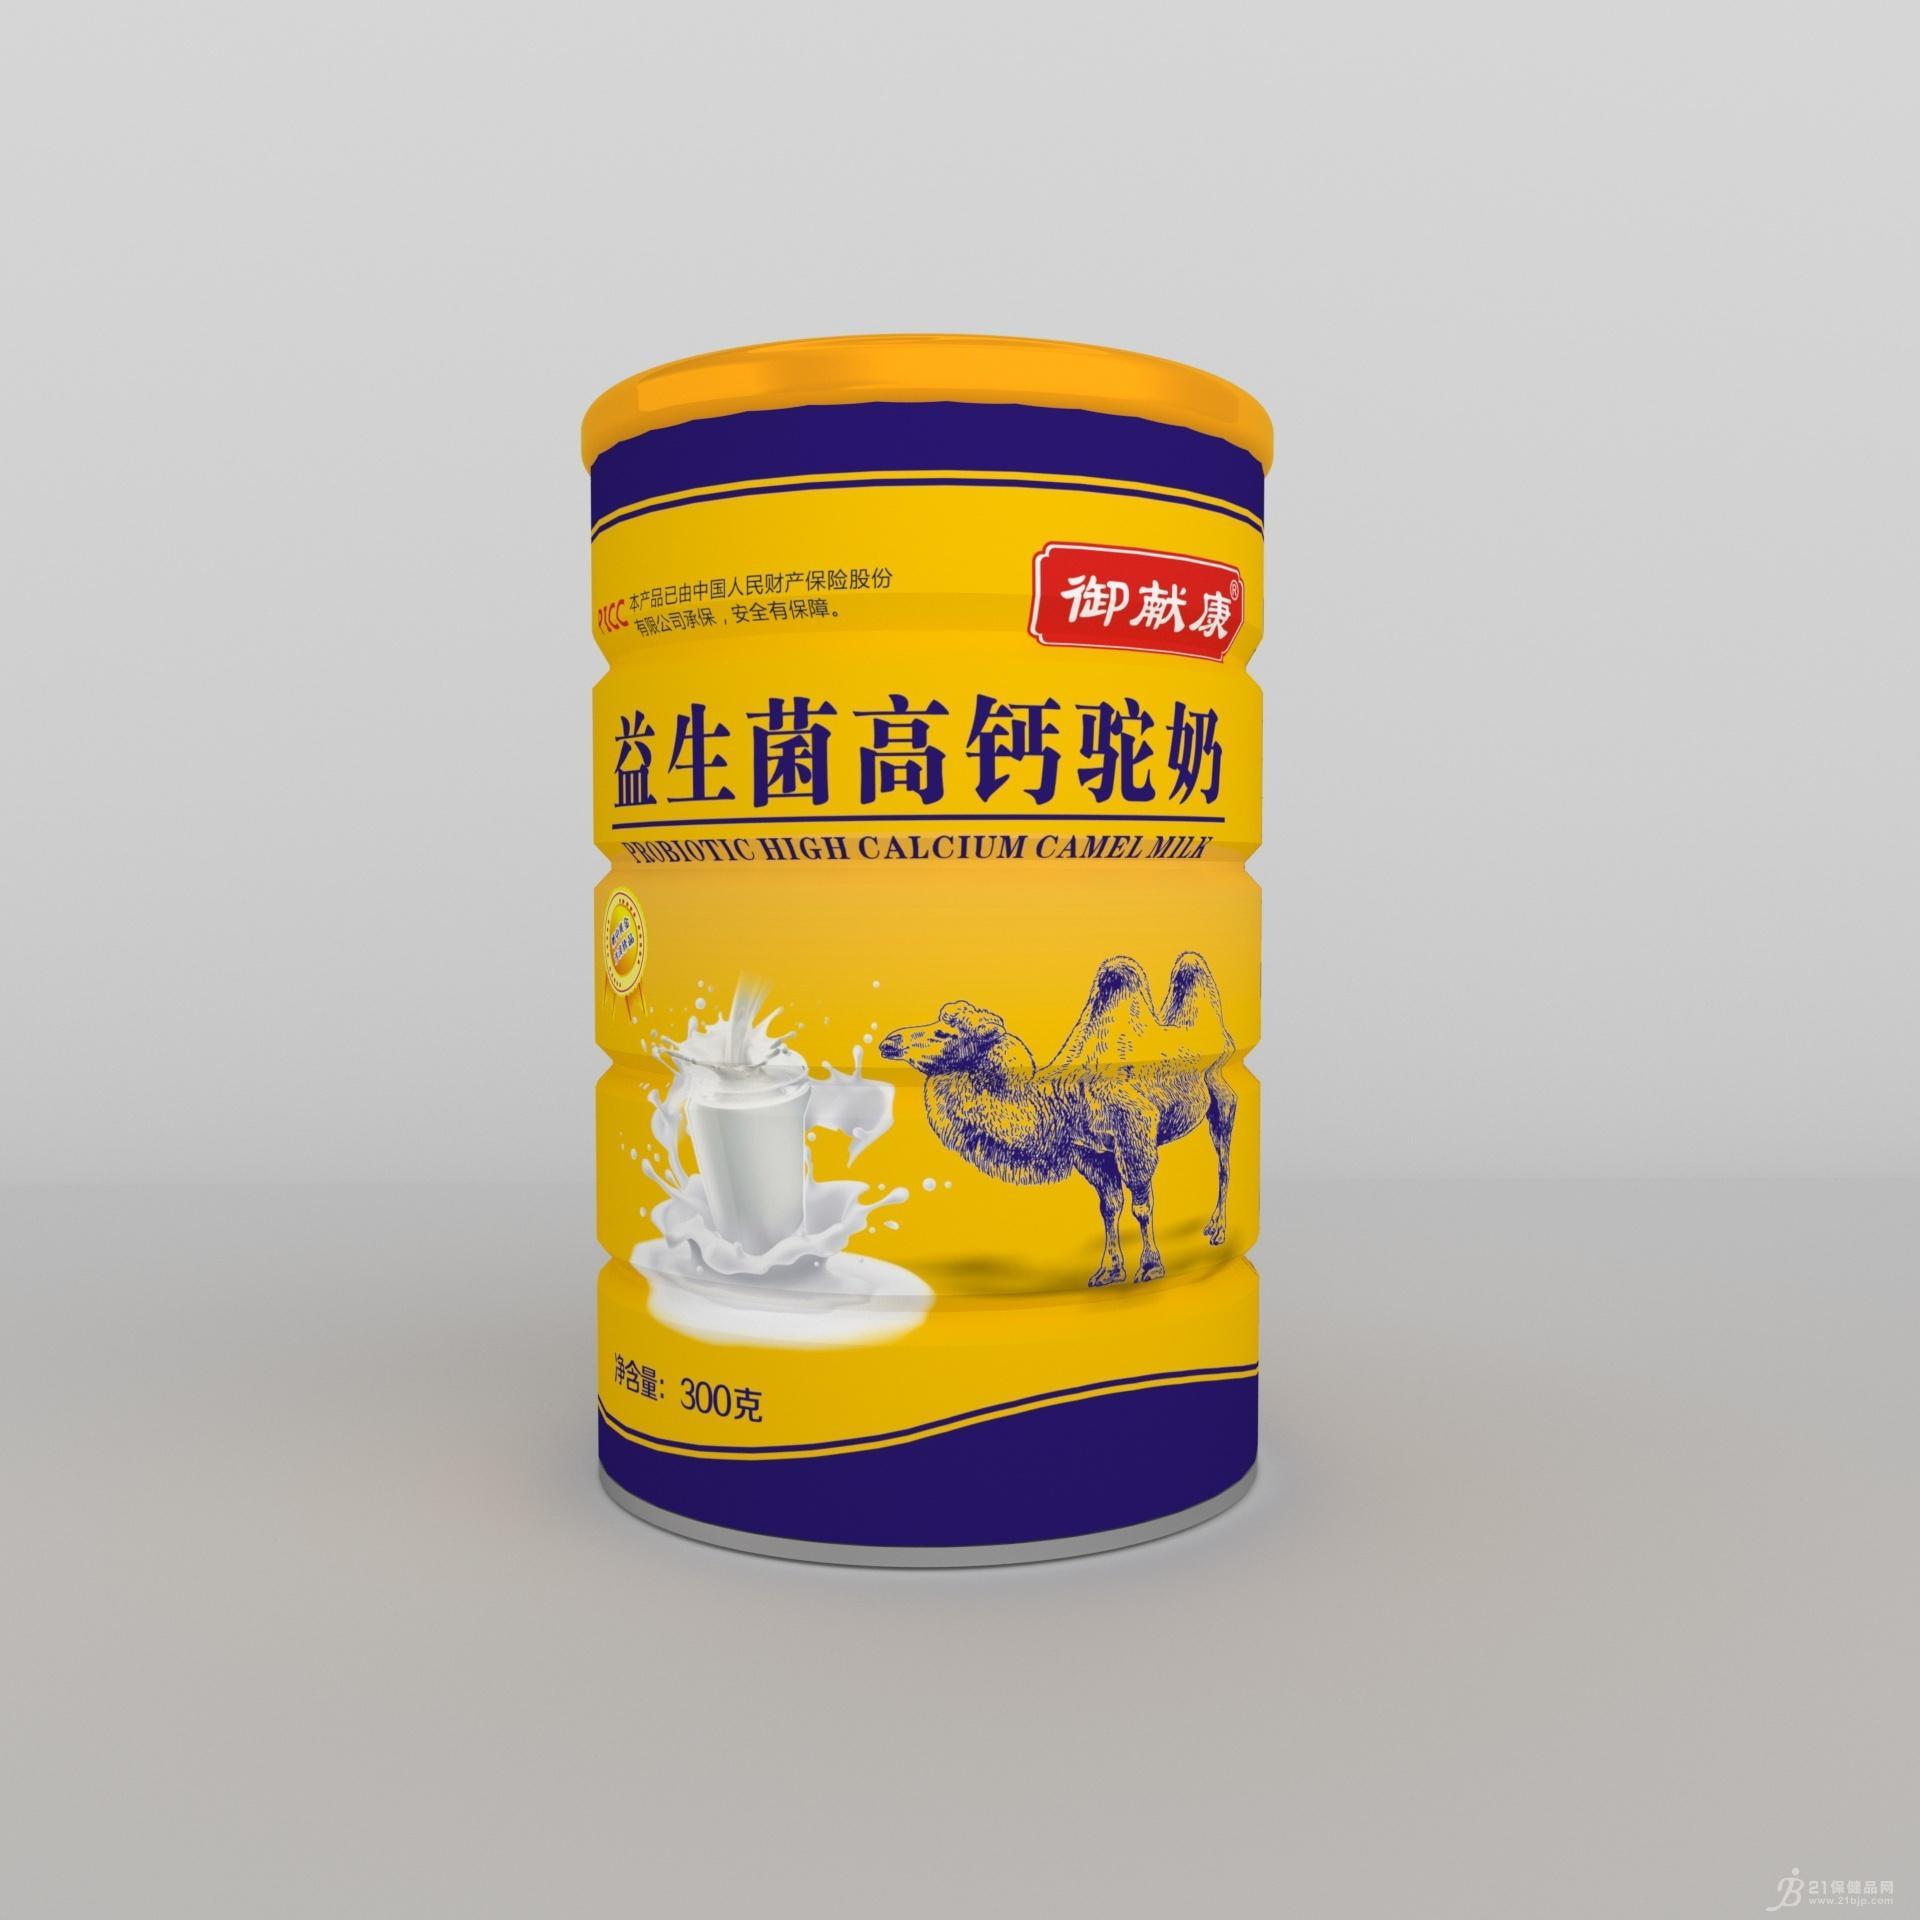 益生菌高钙驼奶现货批发贴牌定制代加工电销会销